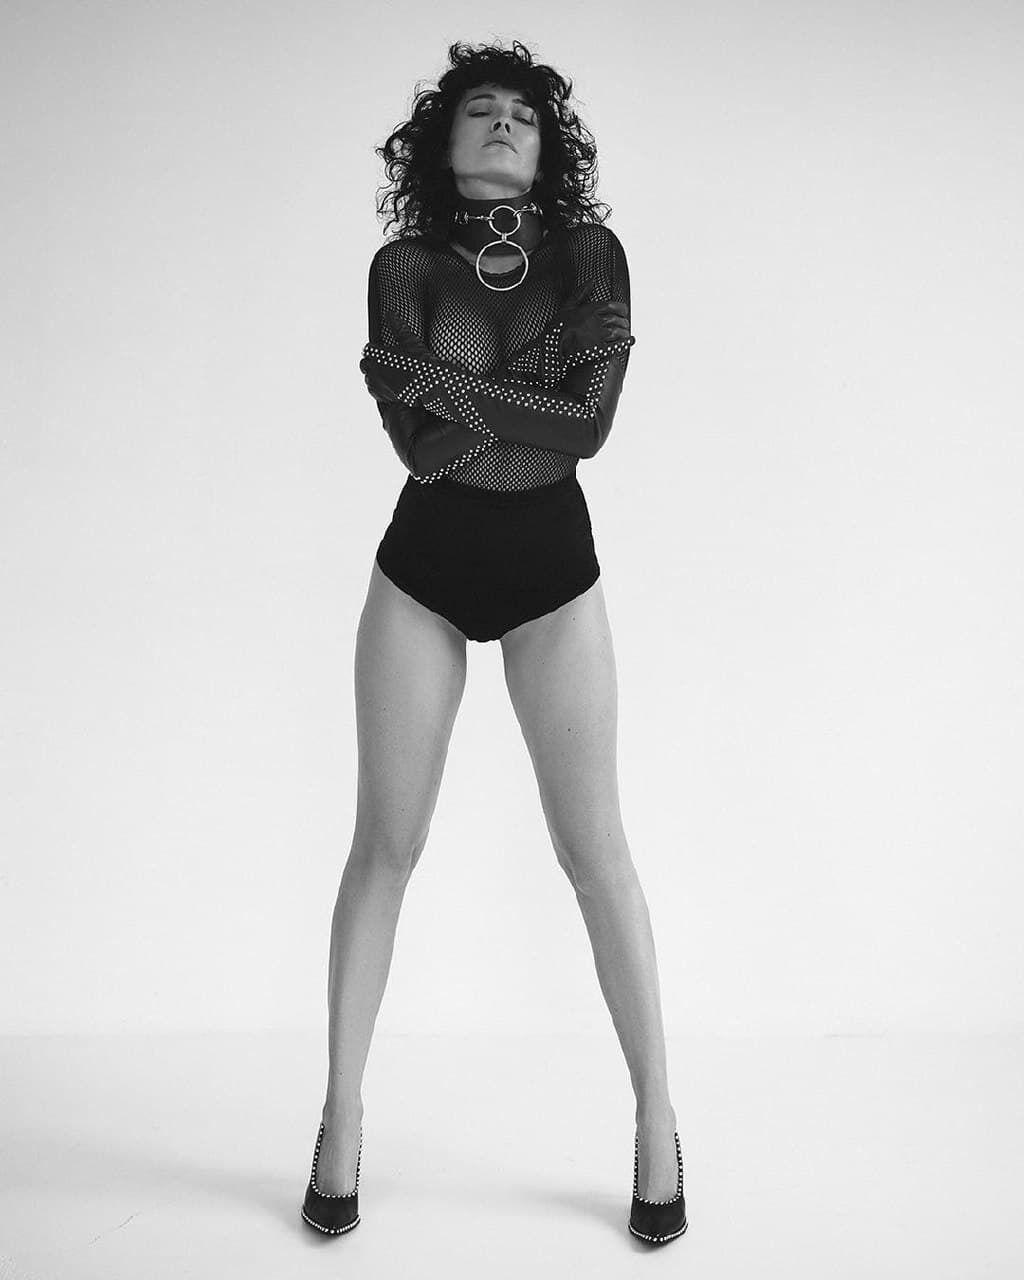 Даша Астафьева засветила пышную грудь в новой фотосессии